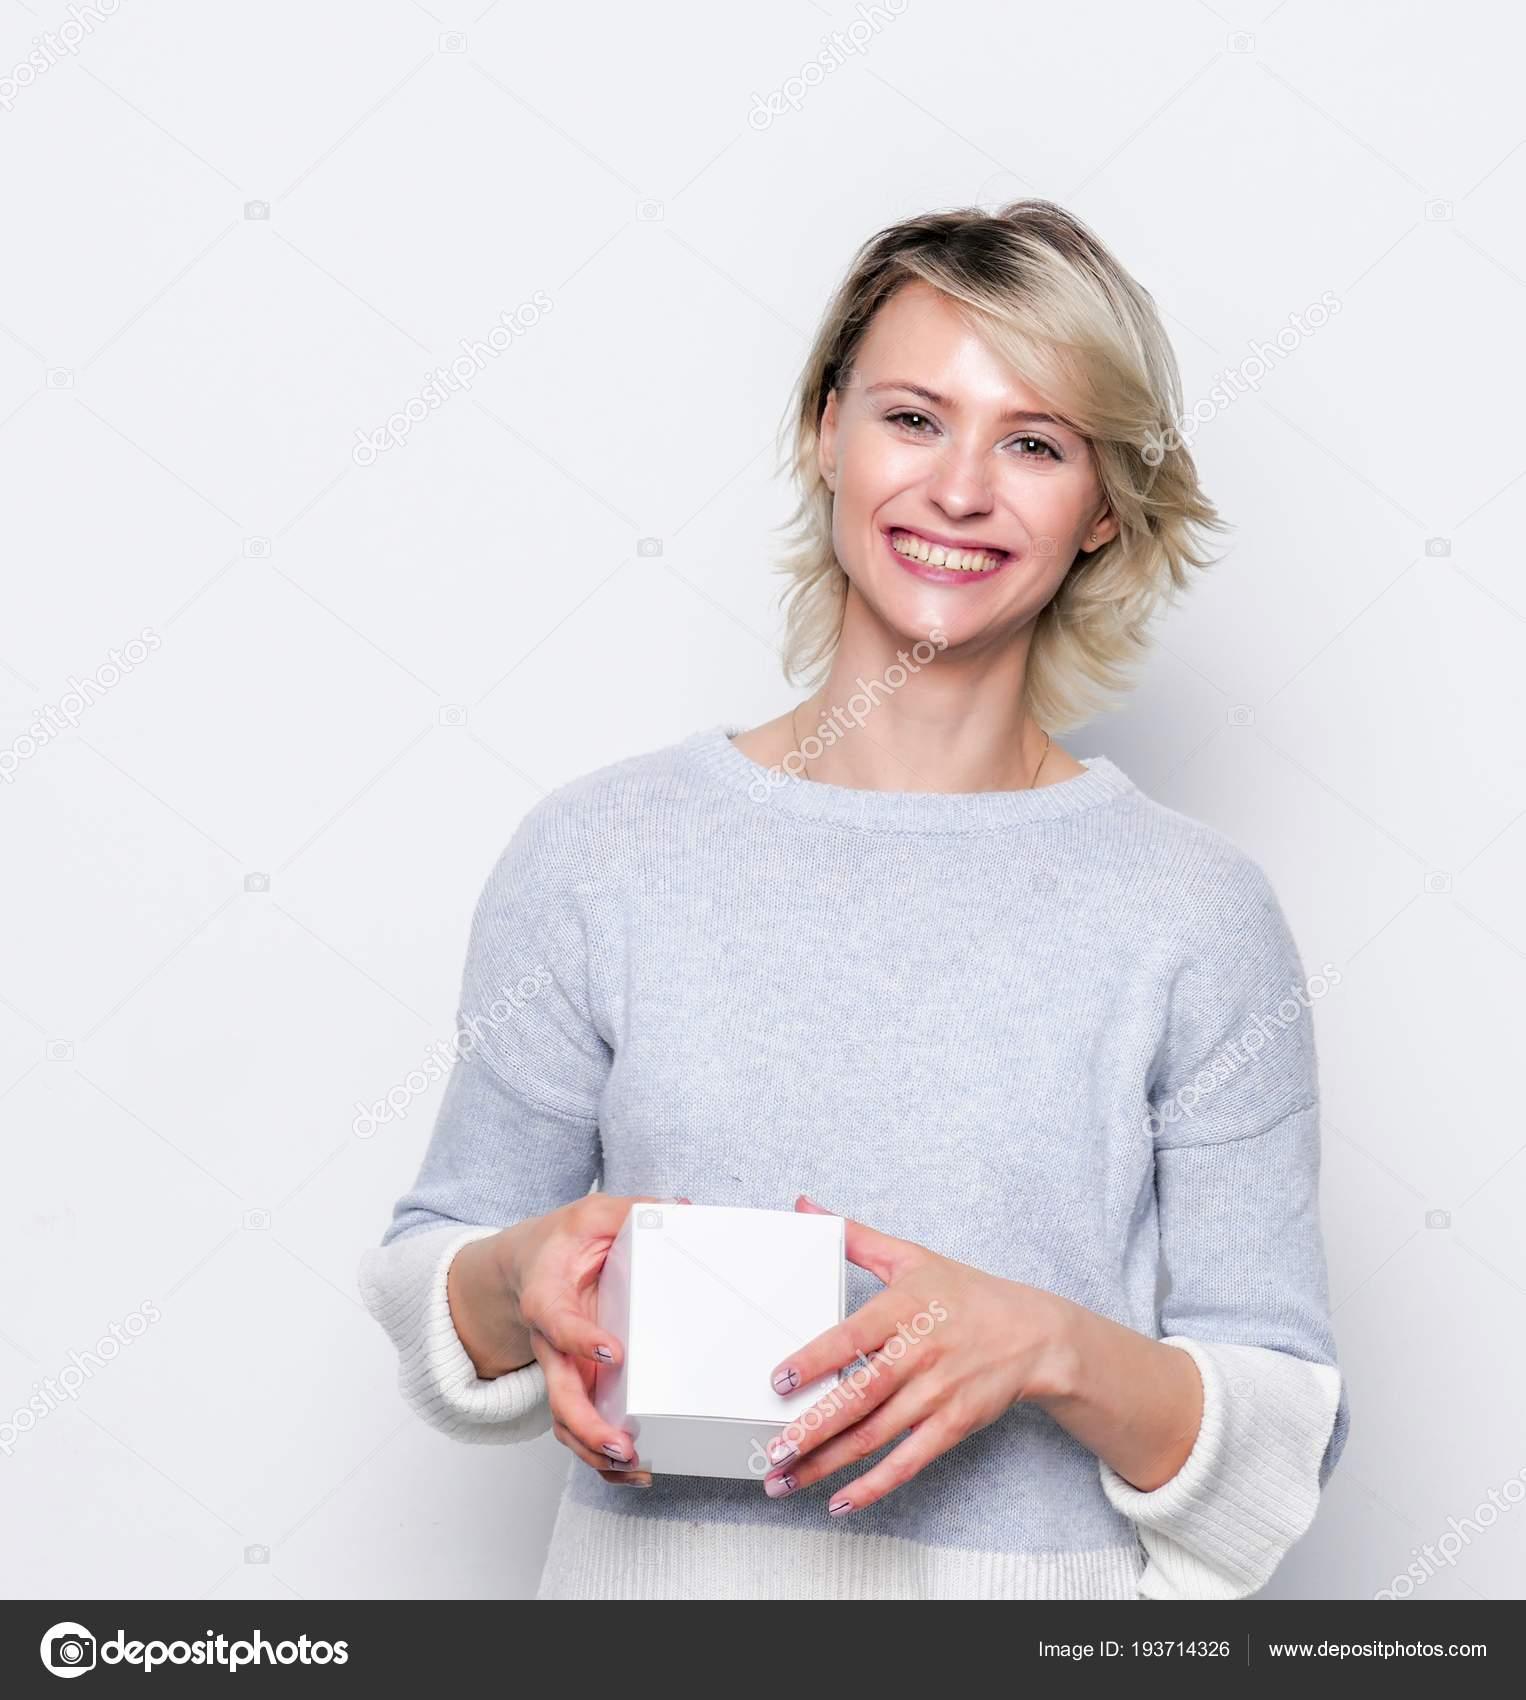 Льготное протезирование зубов в 2018 году: кому положено